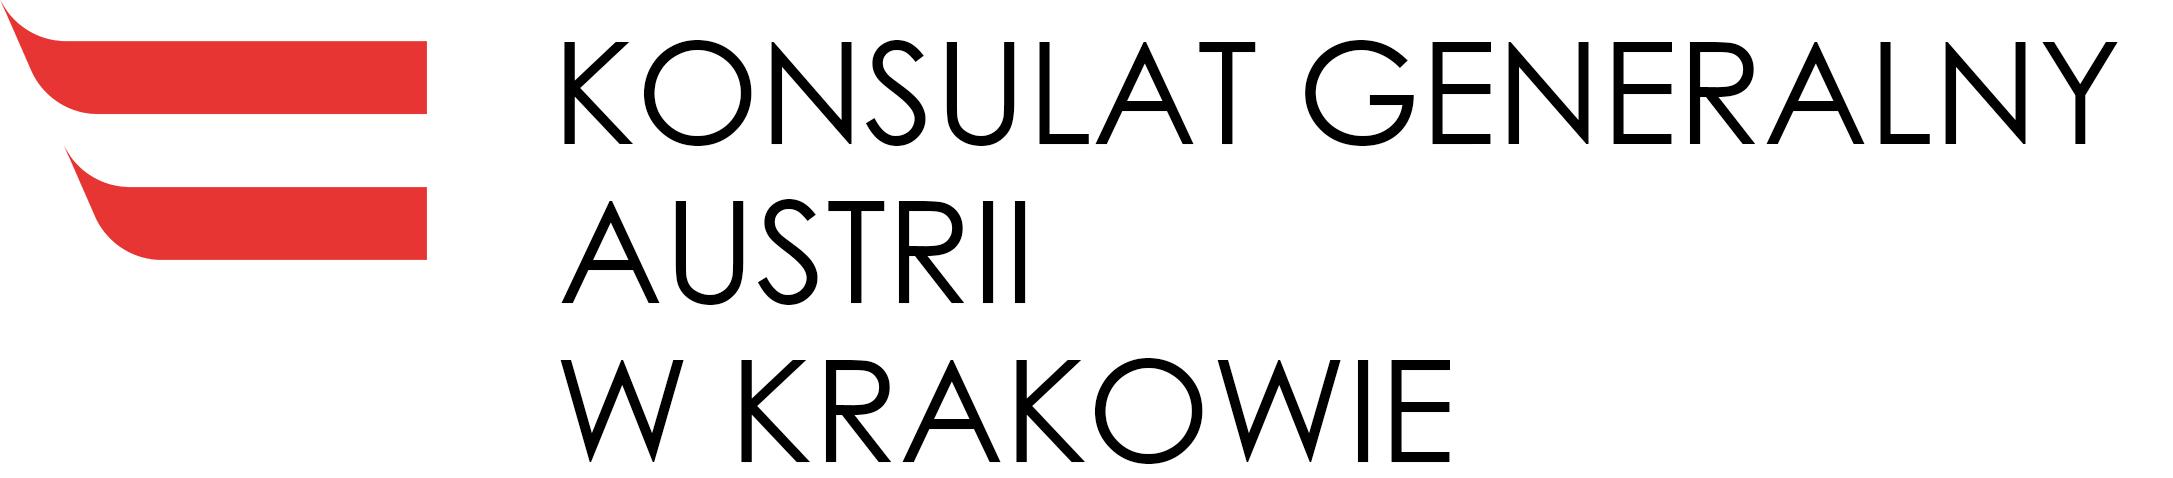 Konsulat Republiki Austrii wKrakowie